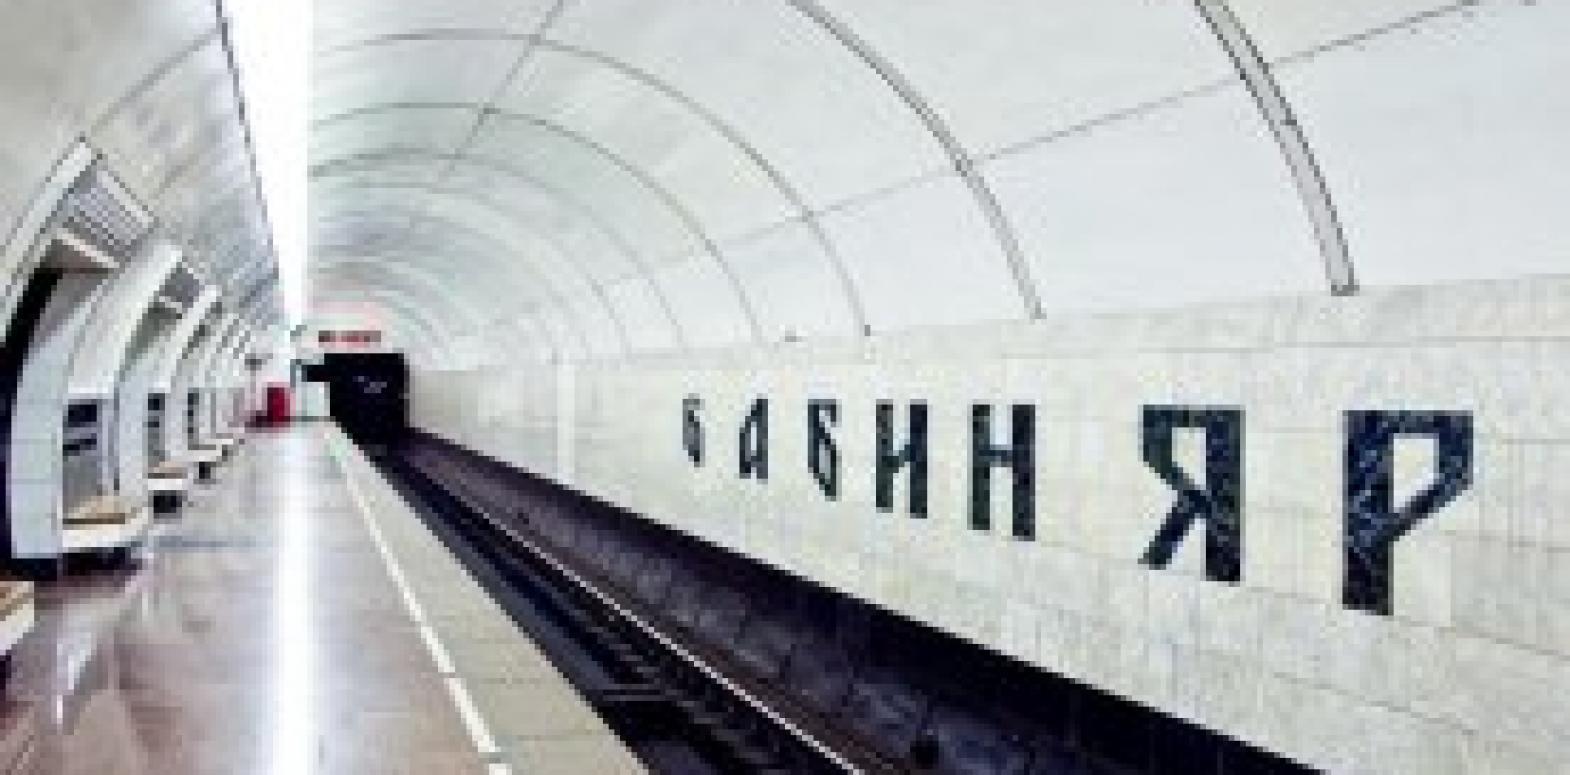 """Станцию метро """"Дорогожичи"""" предлагают переименовать в """"Бабий Яр"""""""